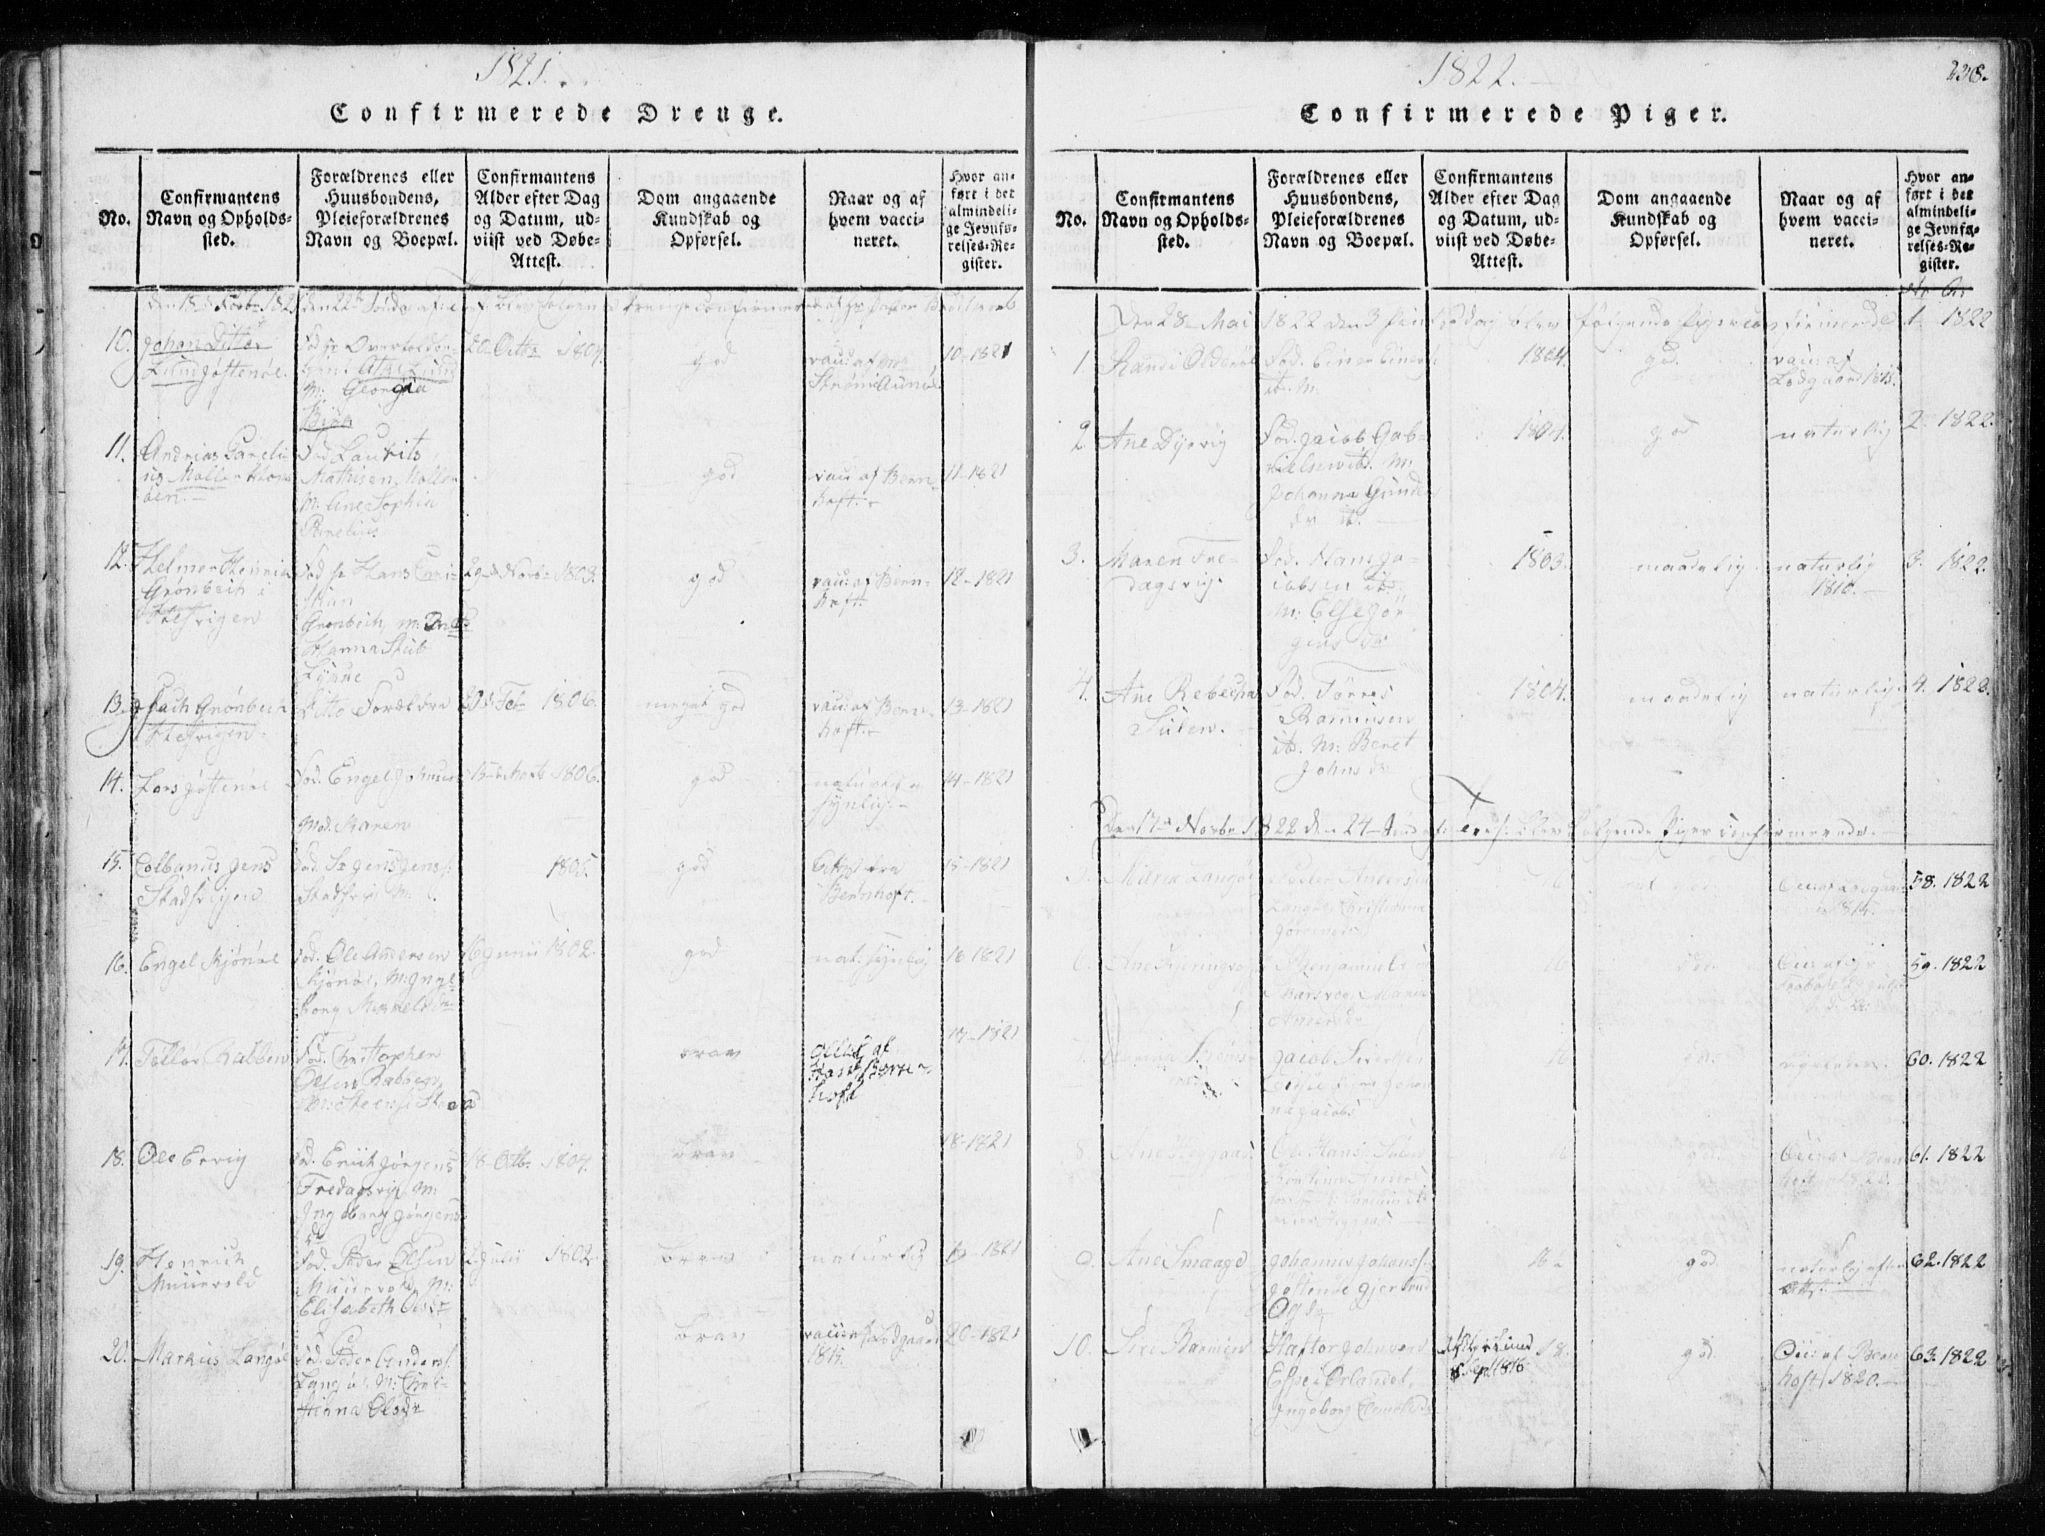 SAT, Ministerialprotokoller, klokkerbøker og fødselsregistre - Sør-Trøndelag, 634/L0527: Ministerialbok nr. 634A03, 1818-1826, s. 238